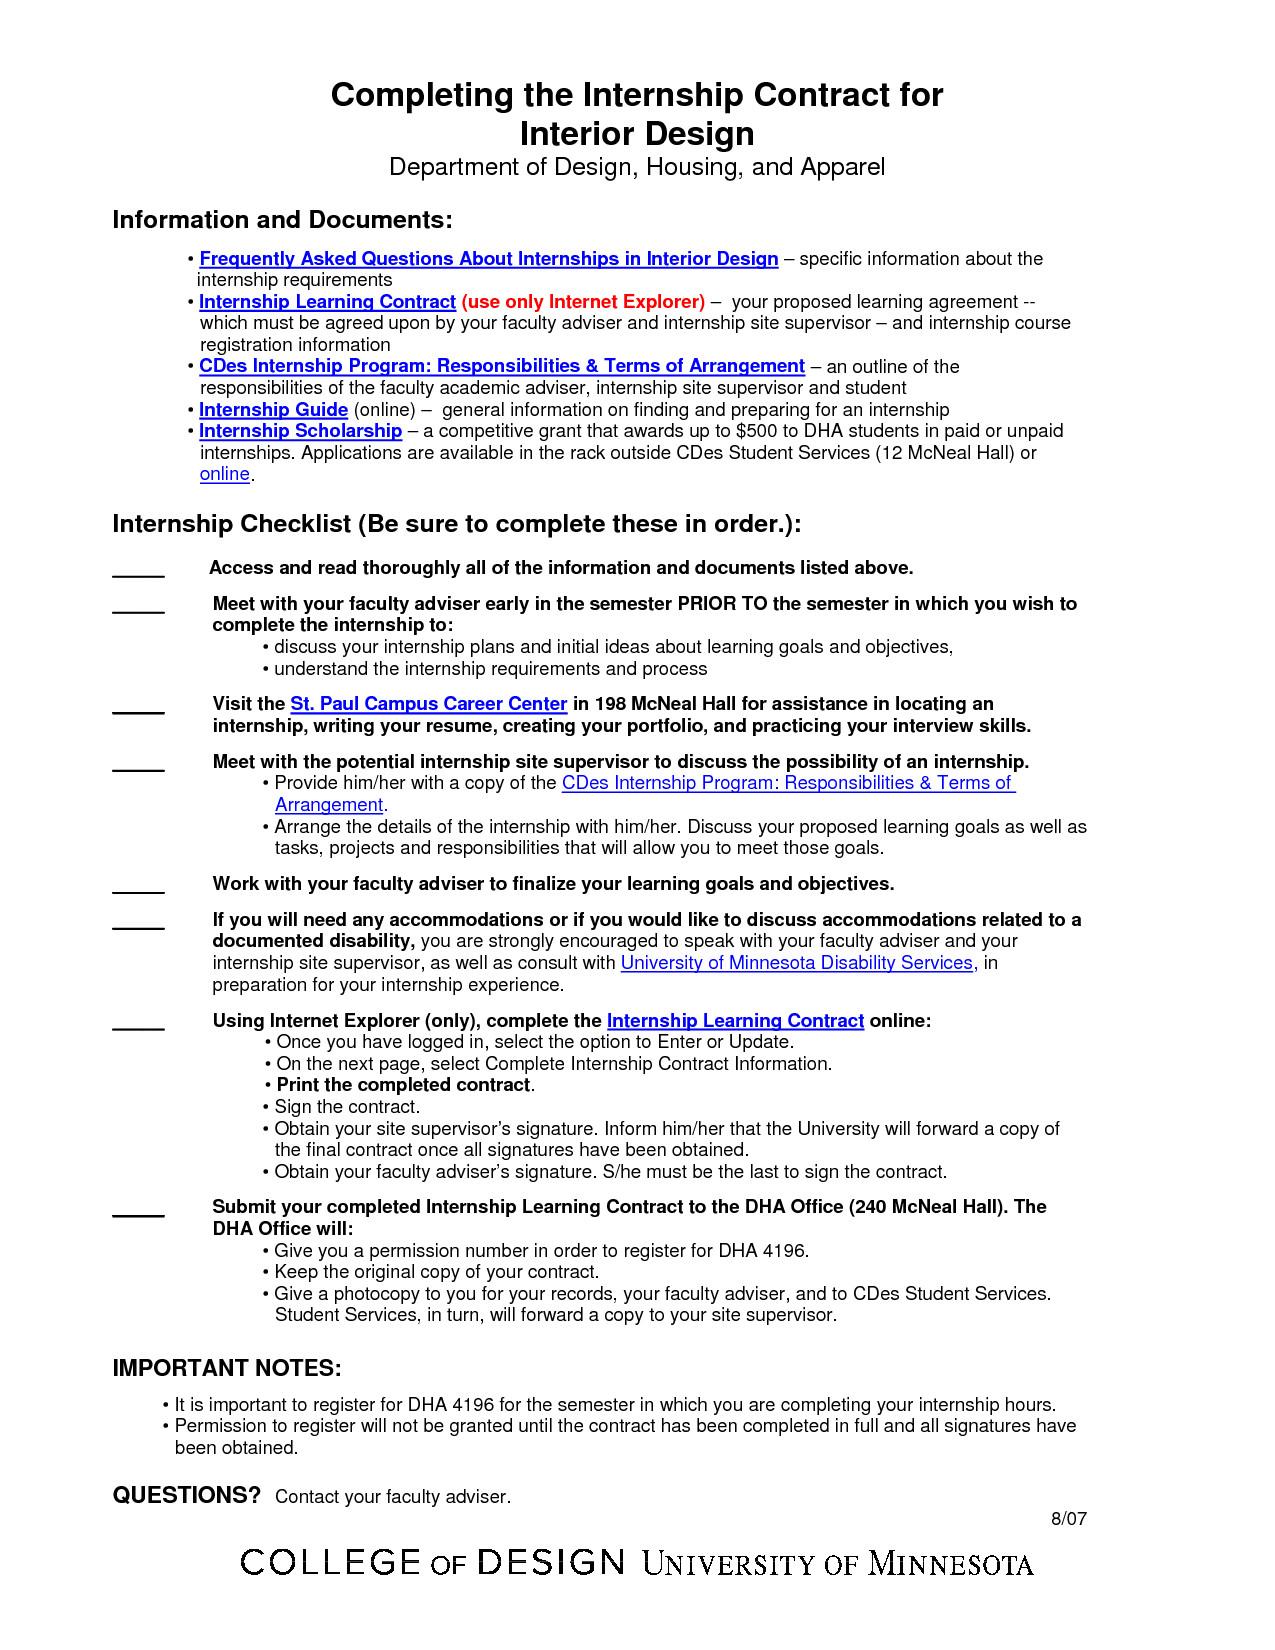 Interior Design Contract Sample Interior Design Contract Template